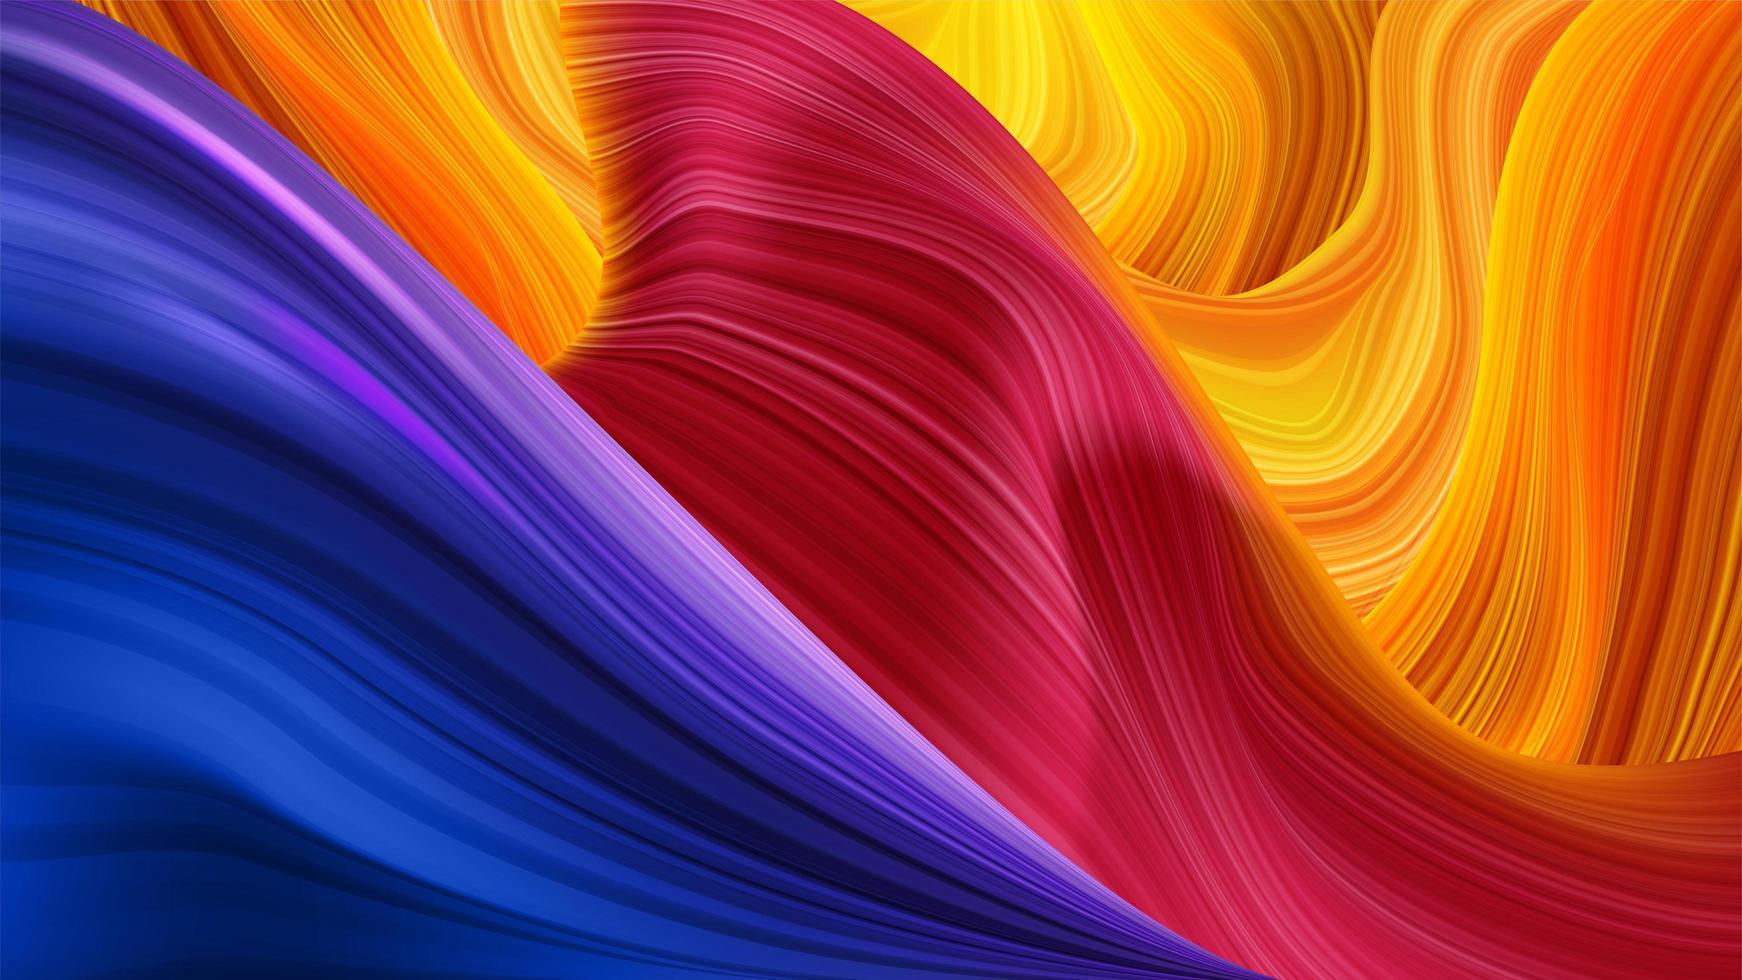 motif de torsion fluide coloré abstrait vecteur